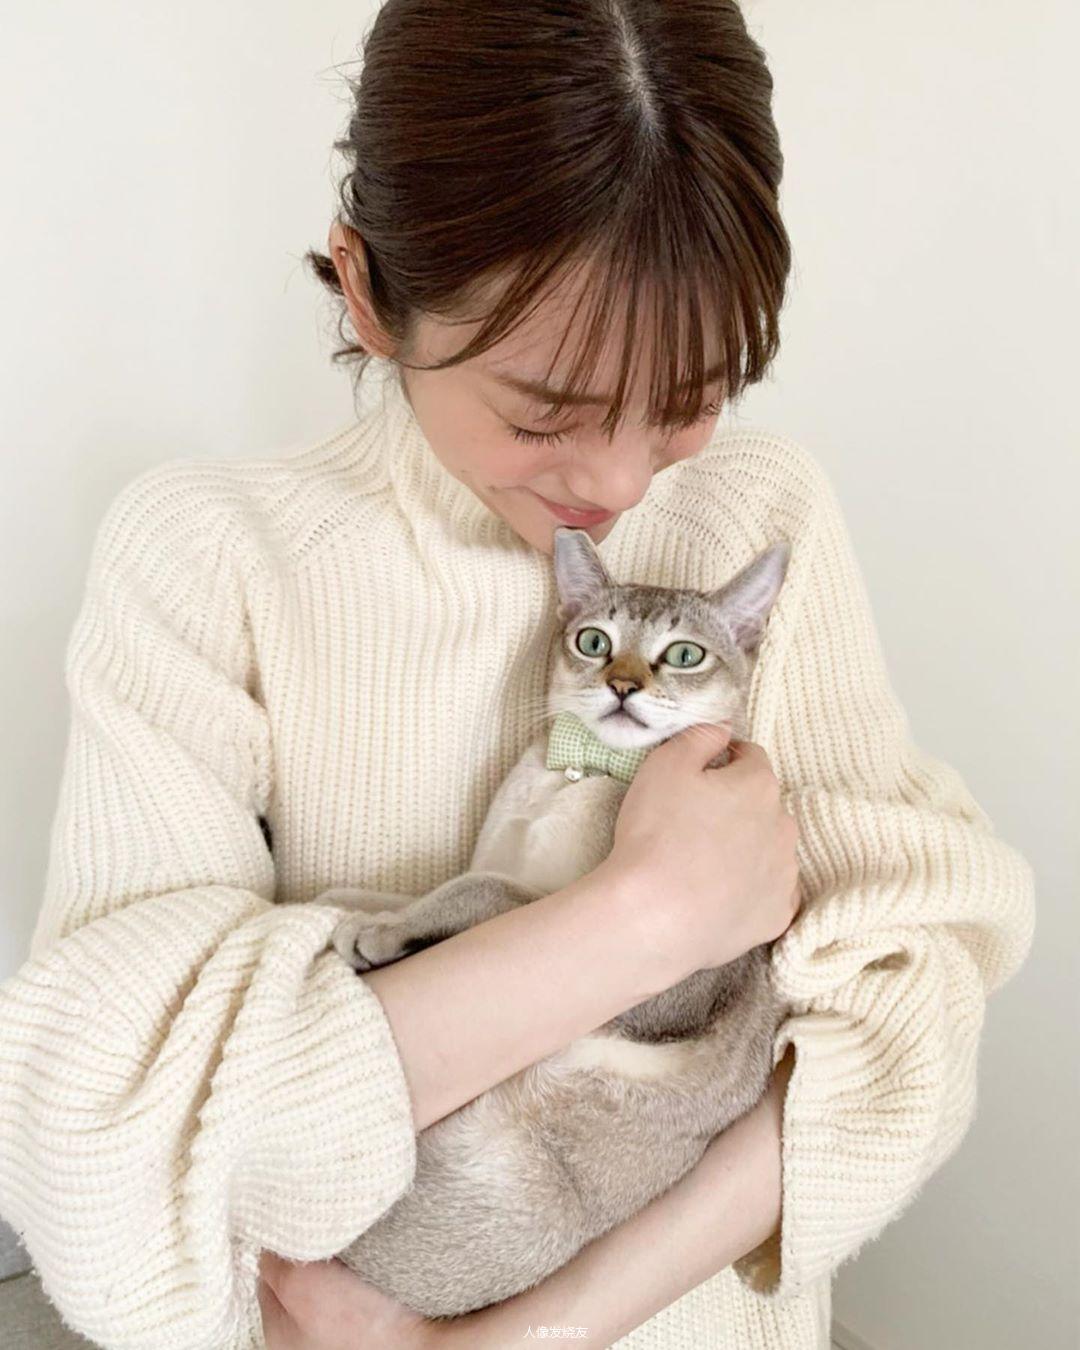 甜美无比的天气女郎贵岛明日香写真作品 (19)